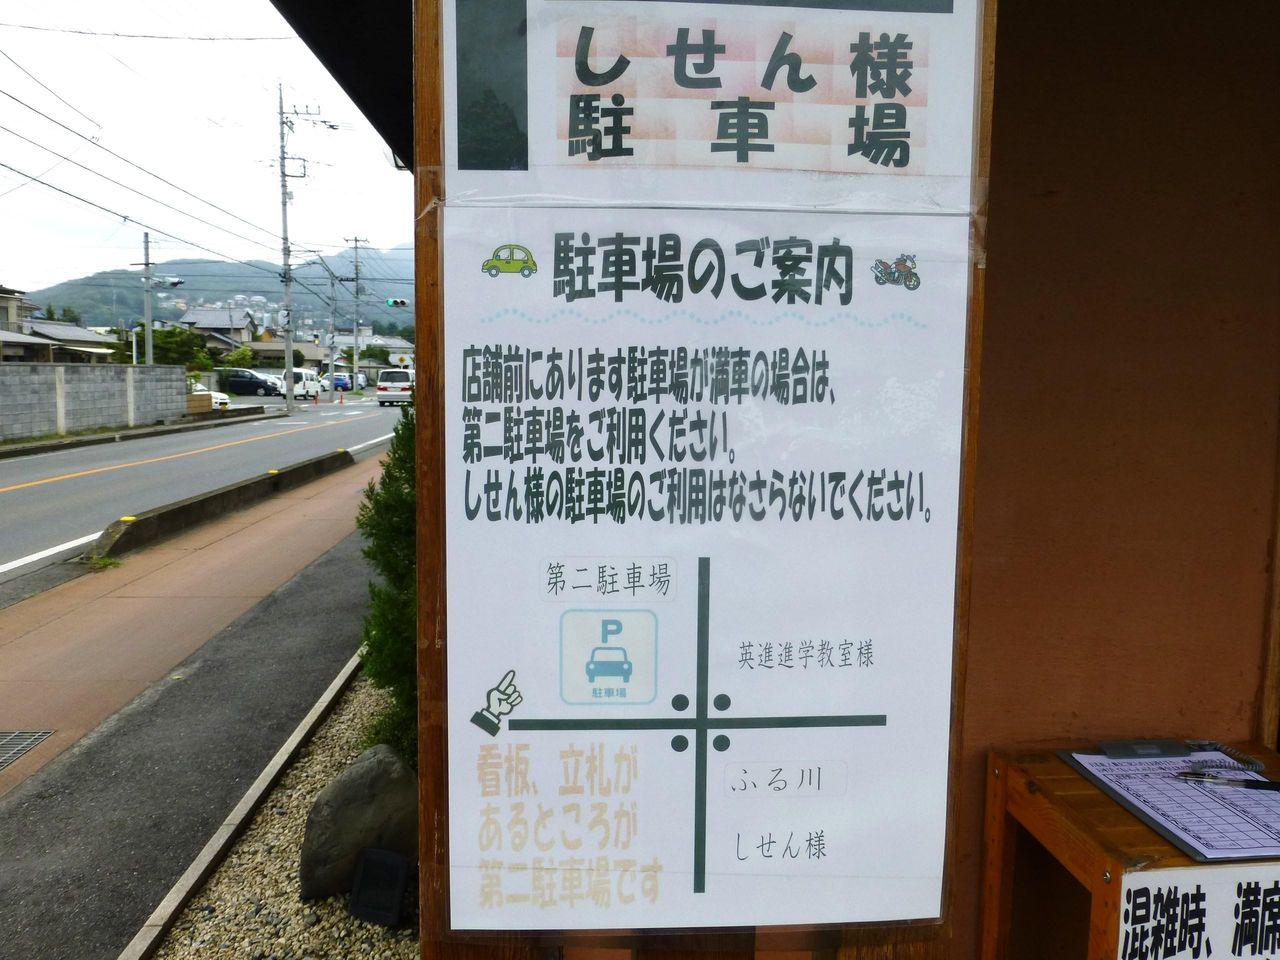 駐車場の案内表示